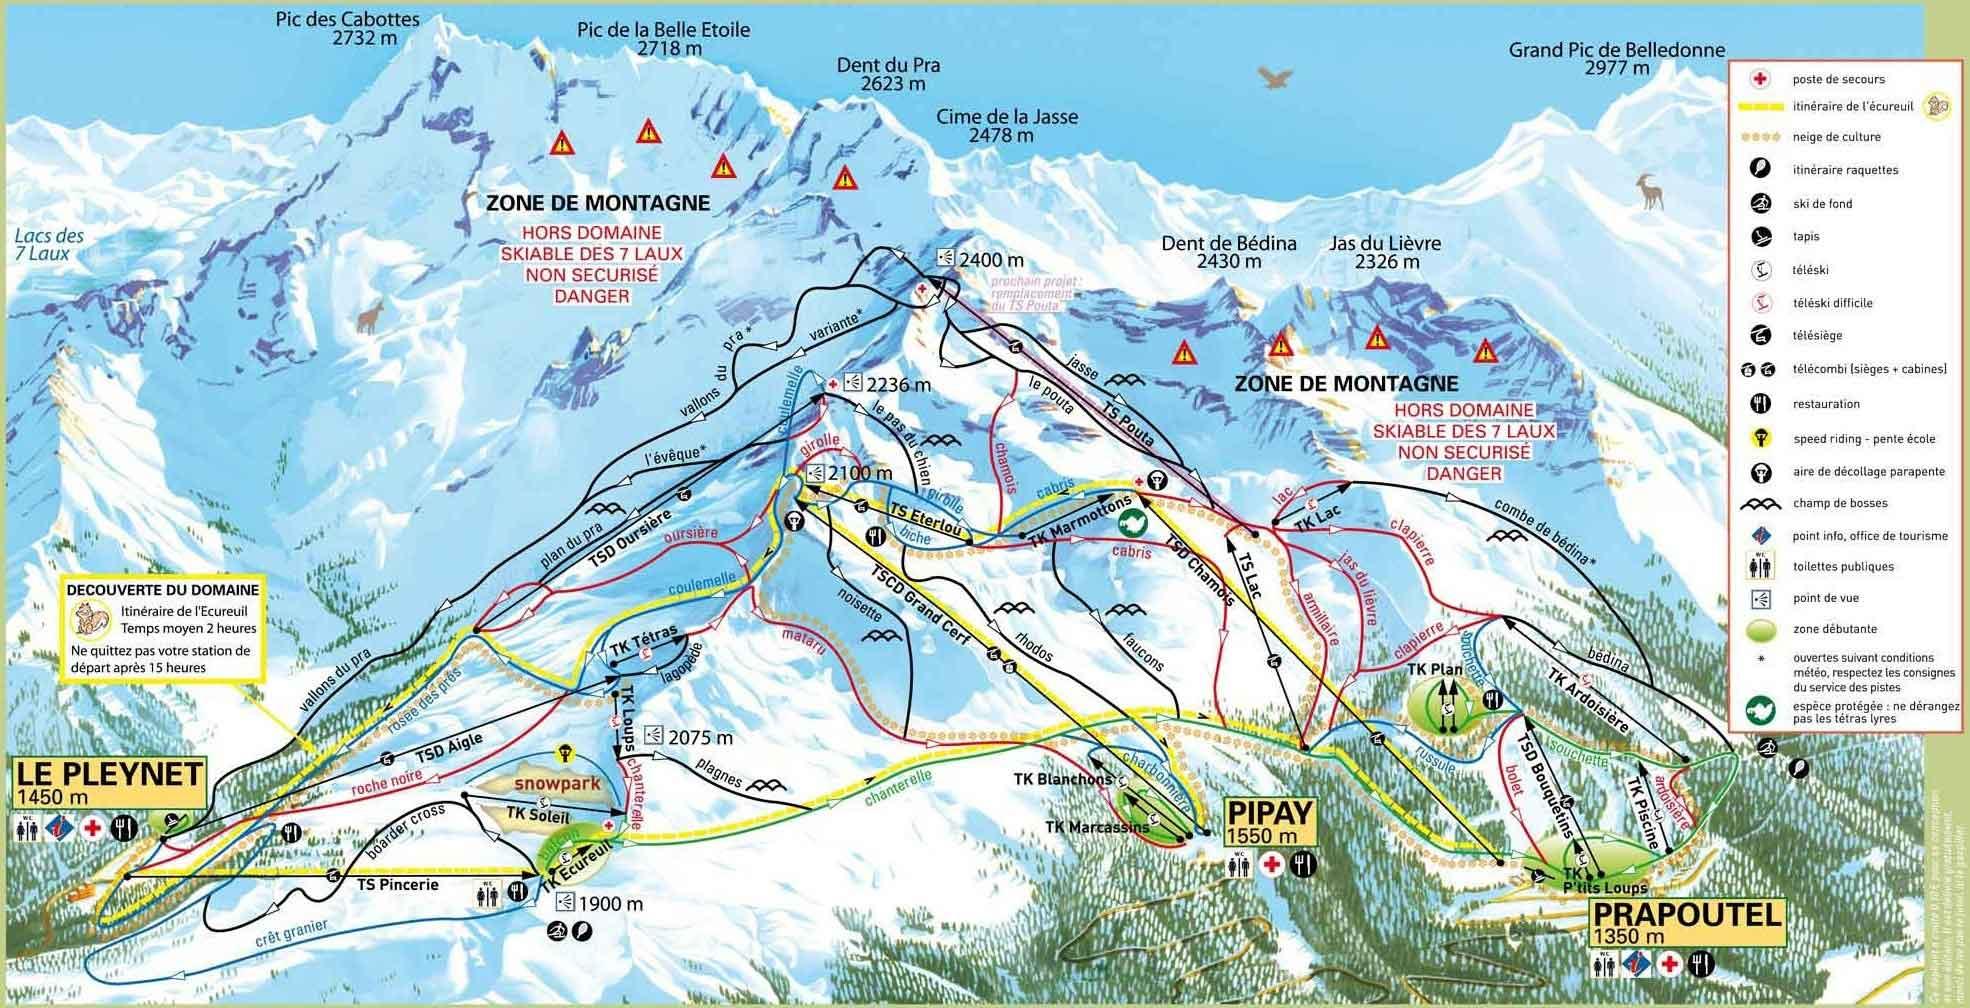 Les Sept Laux piste map